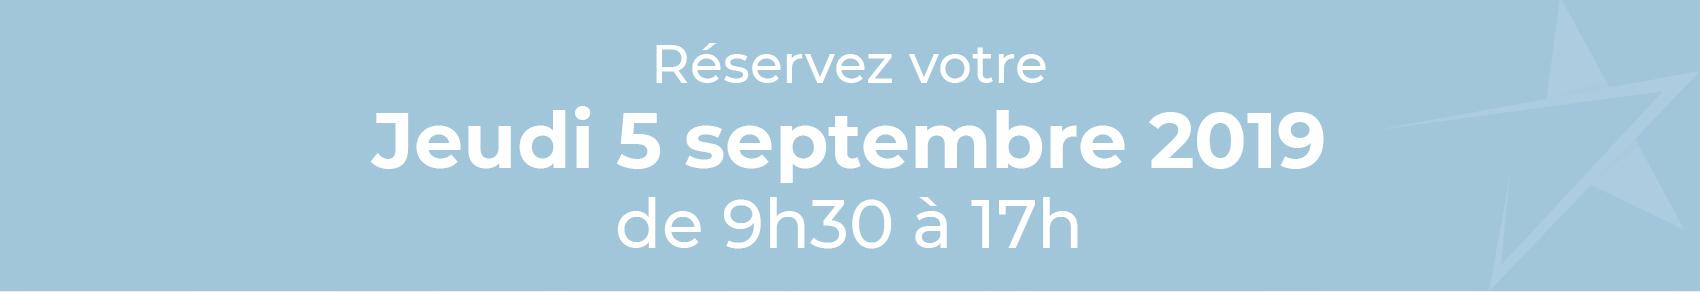 Réservez votre Jeudi 5 septyembre 2019 de 9h30 à 17h